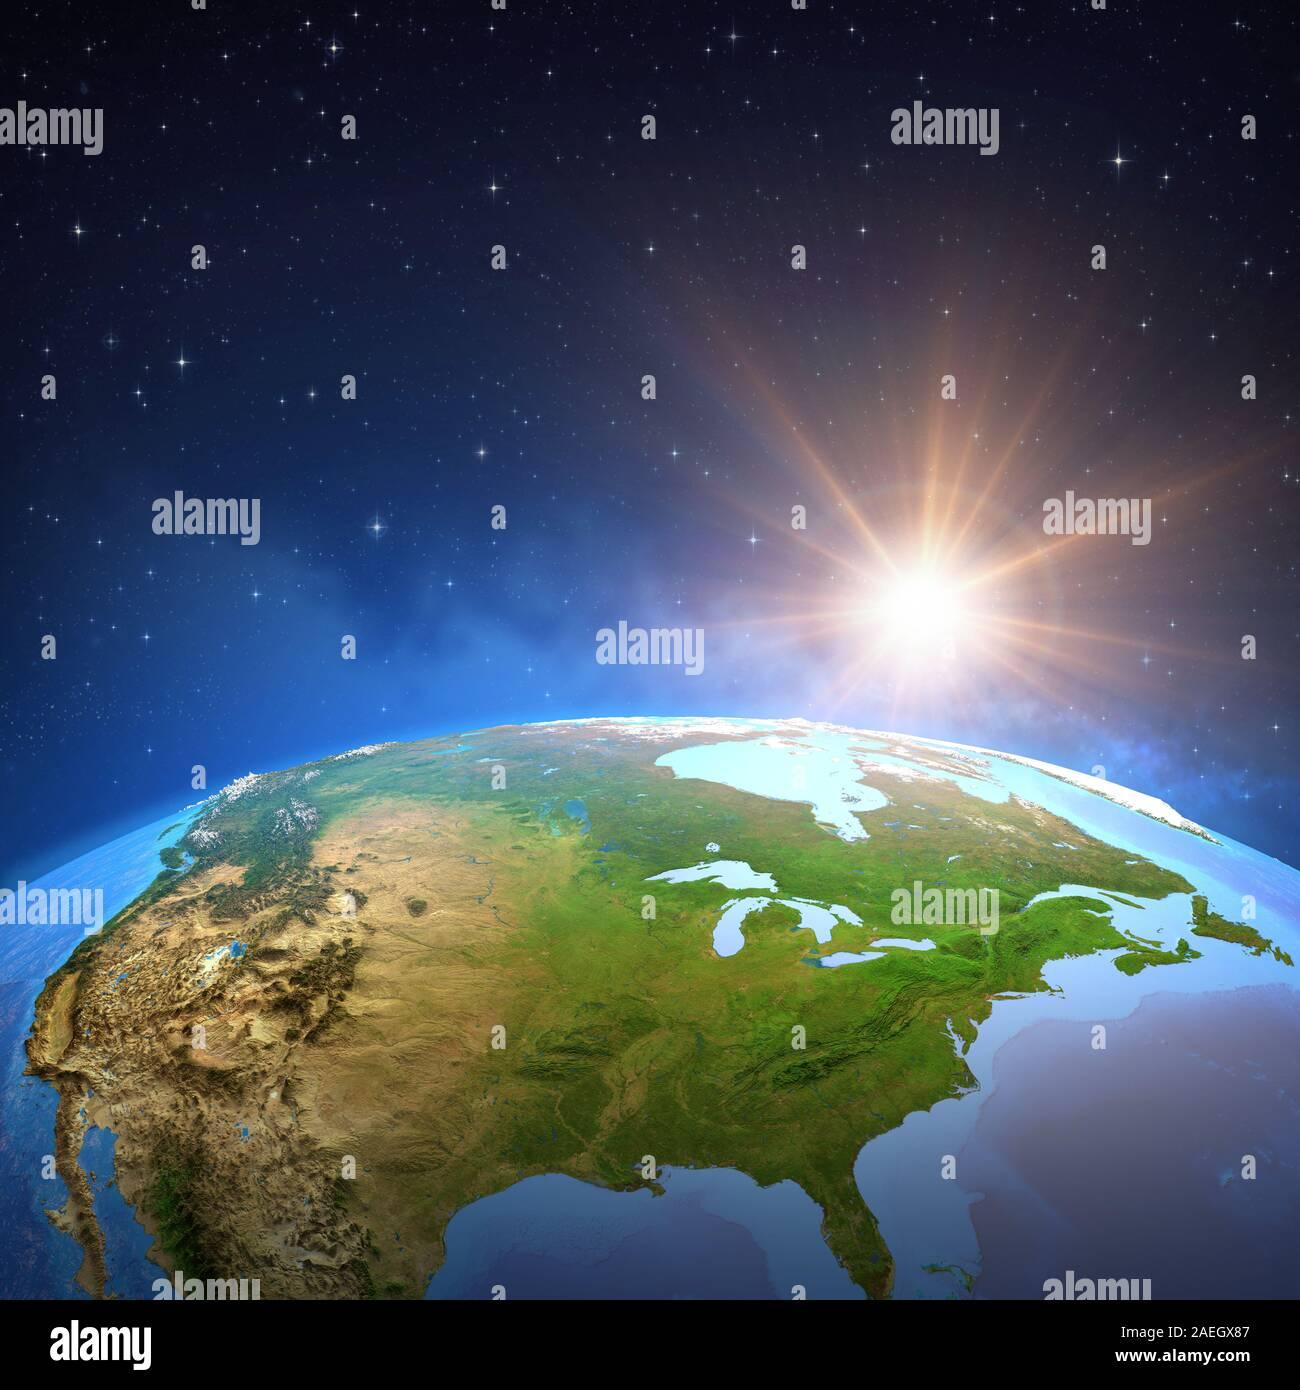 Surface de la planète Terre vue d'un satellite, l'accent sur l'Amérique du Nord, soleil qui brille dans l'espace lointain. Illustration 3D - Éléments de cette image fur Banque D'Images